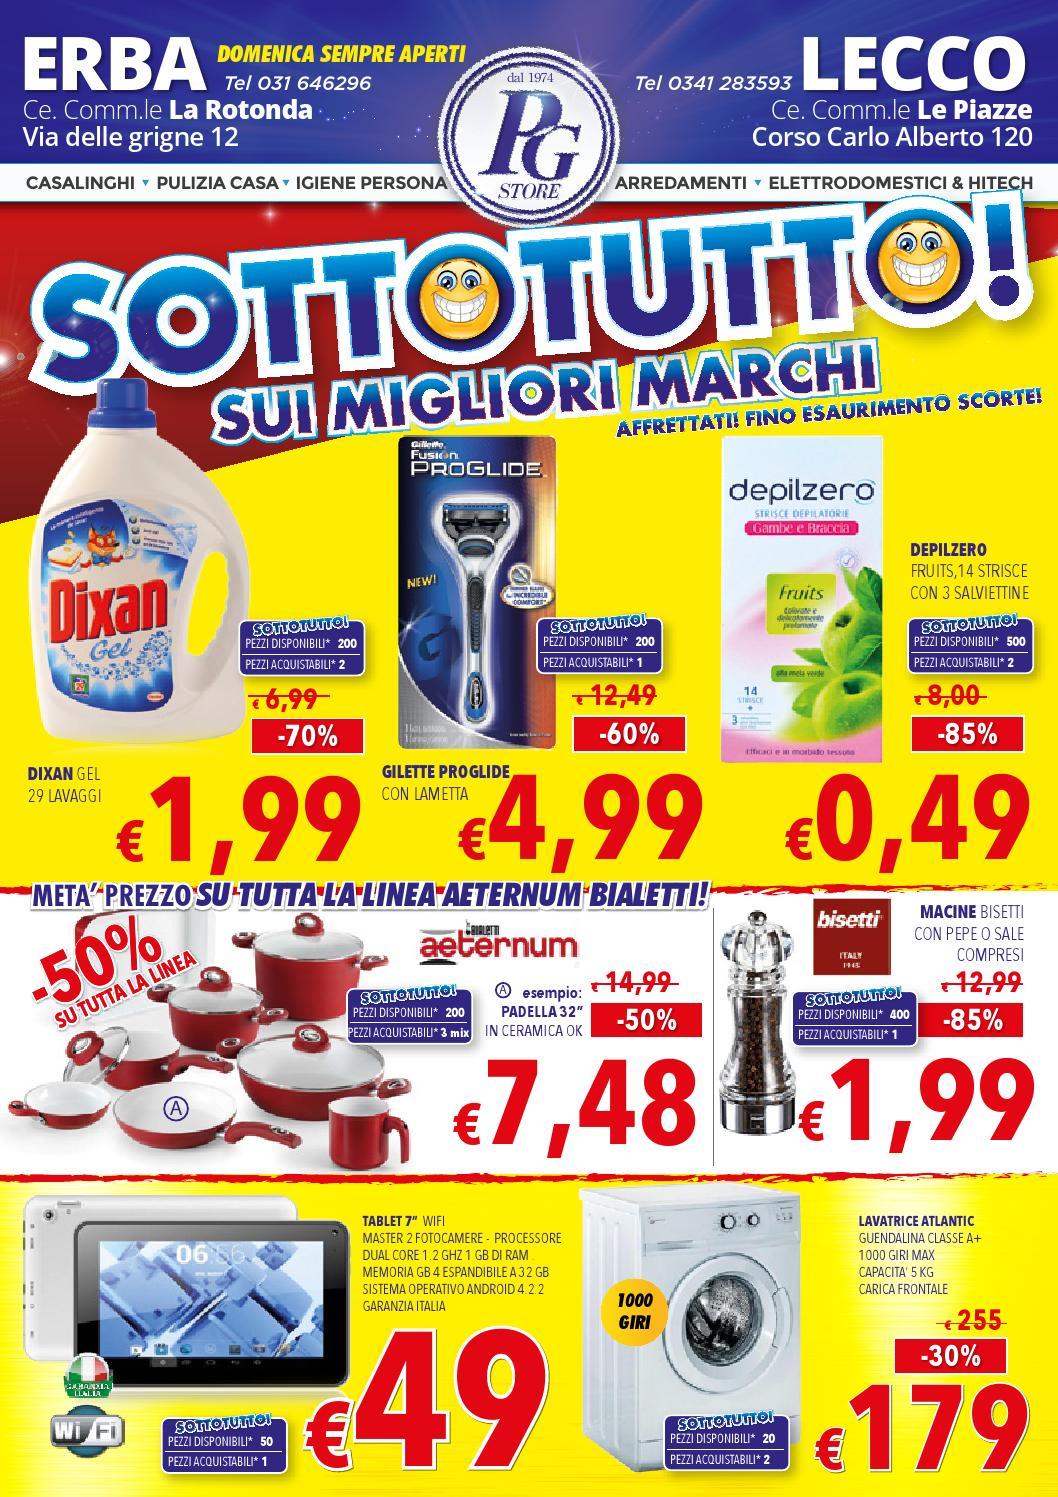 Sottotutto sui migliori marchi by pg store issuu for Pg arredamenti erba